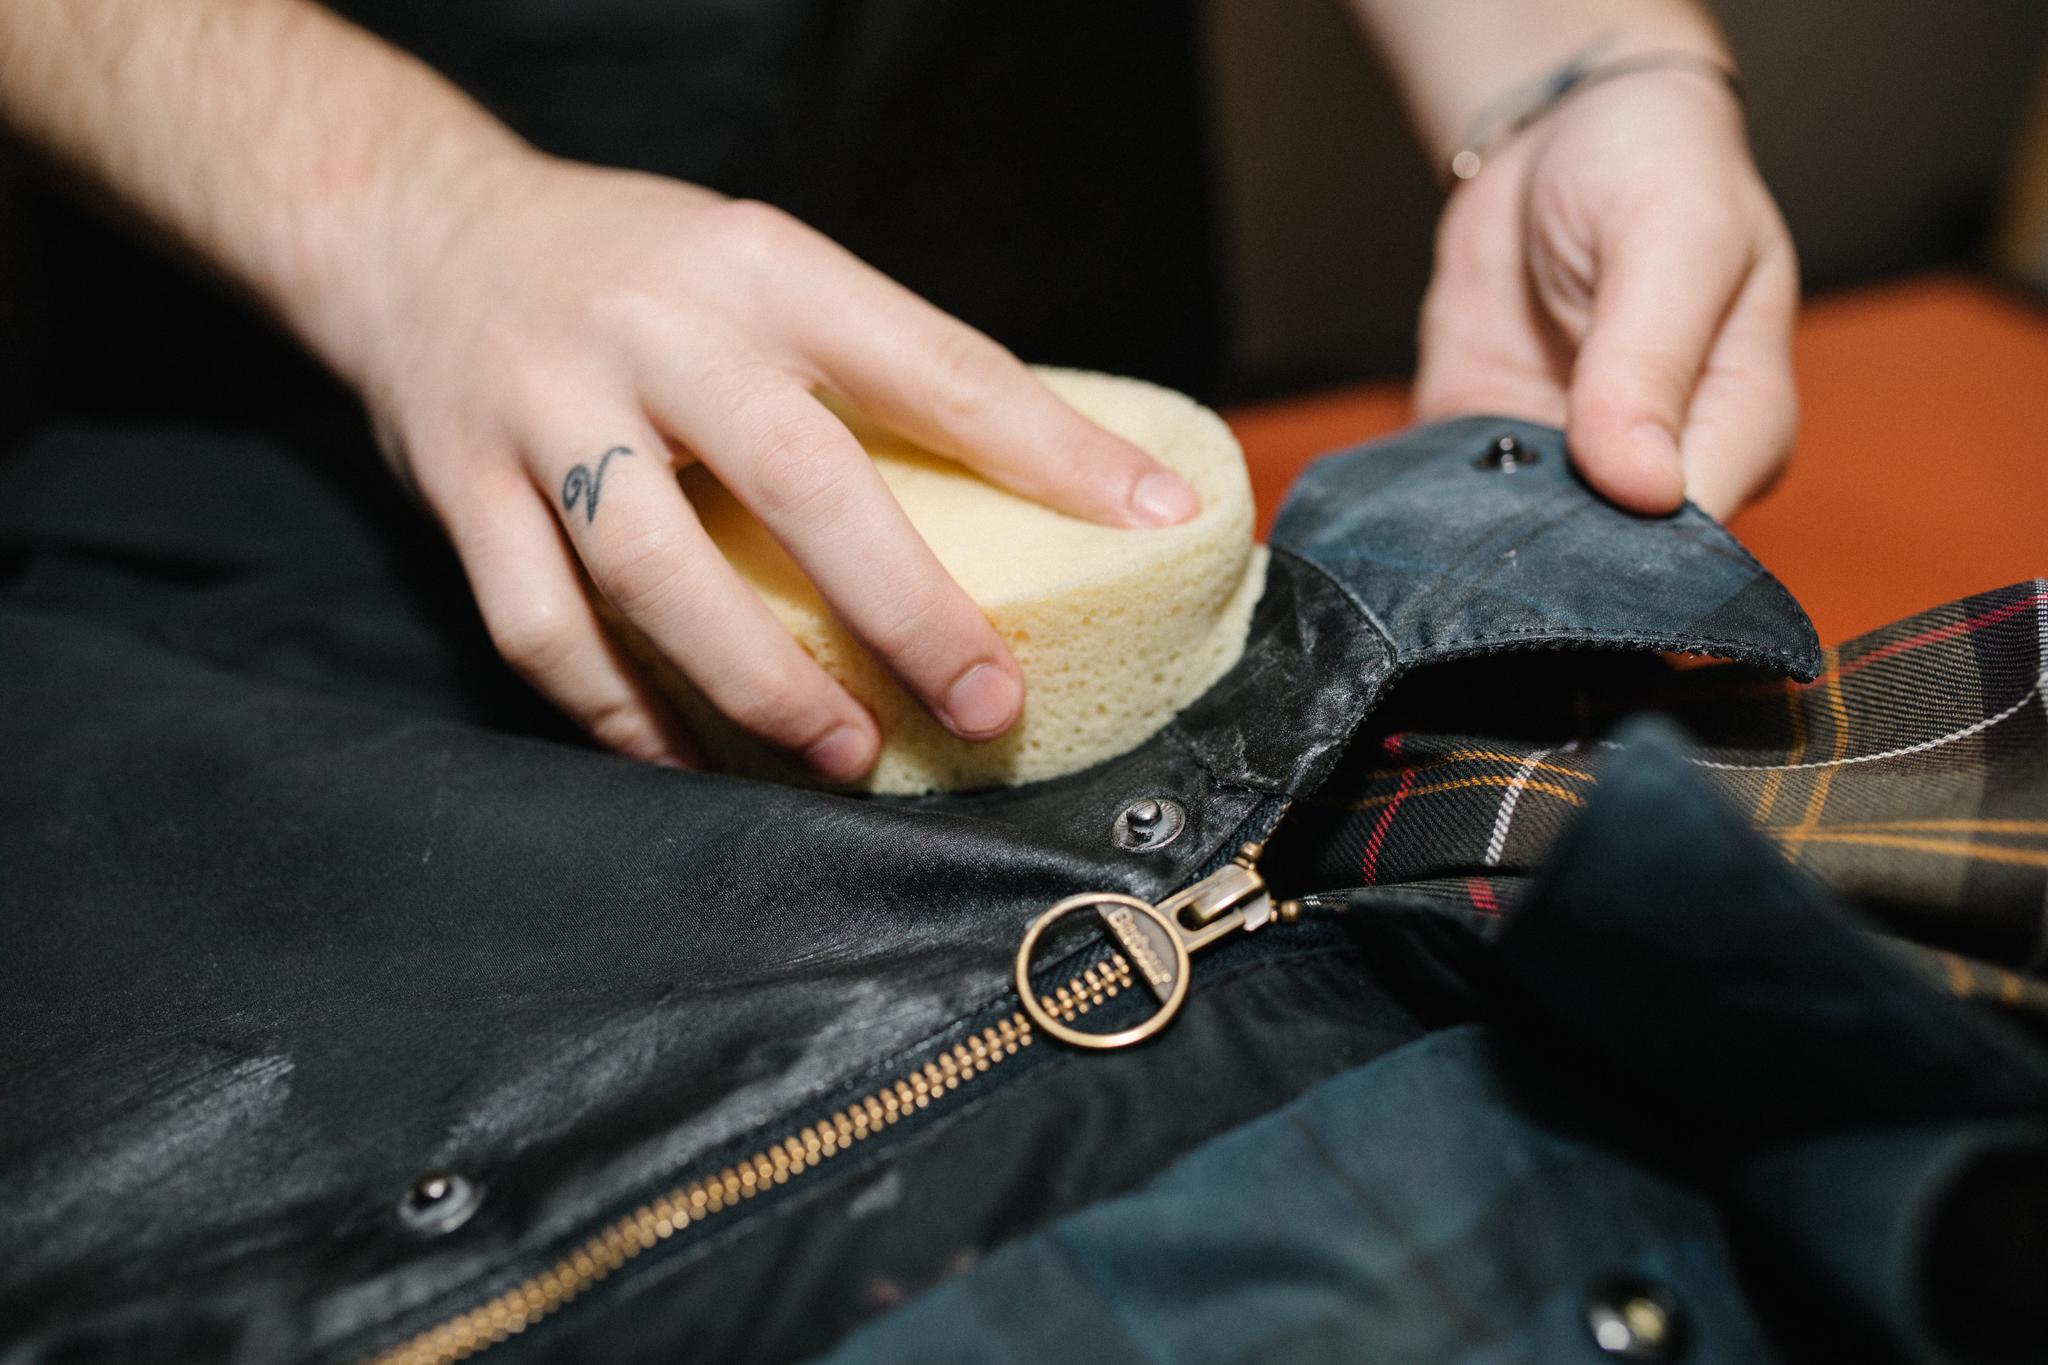 Barbour Jacket Rewaxing